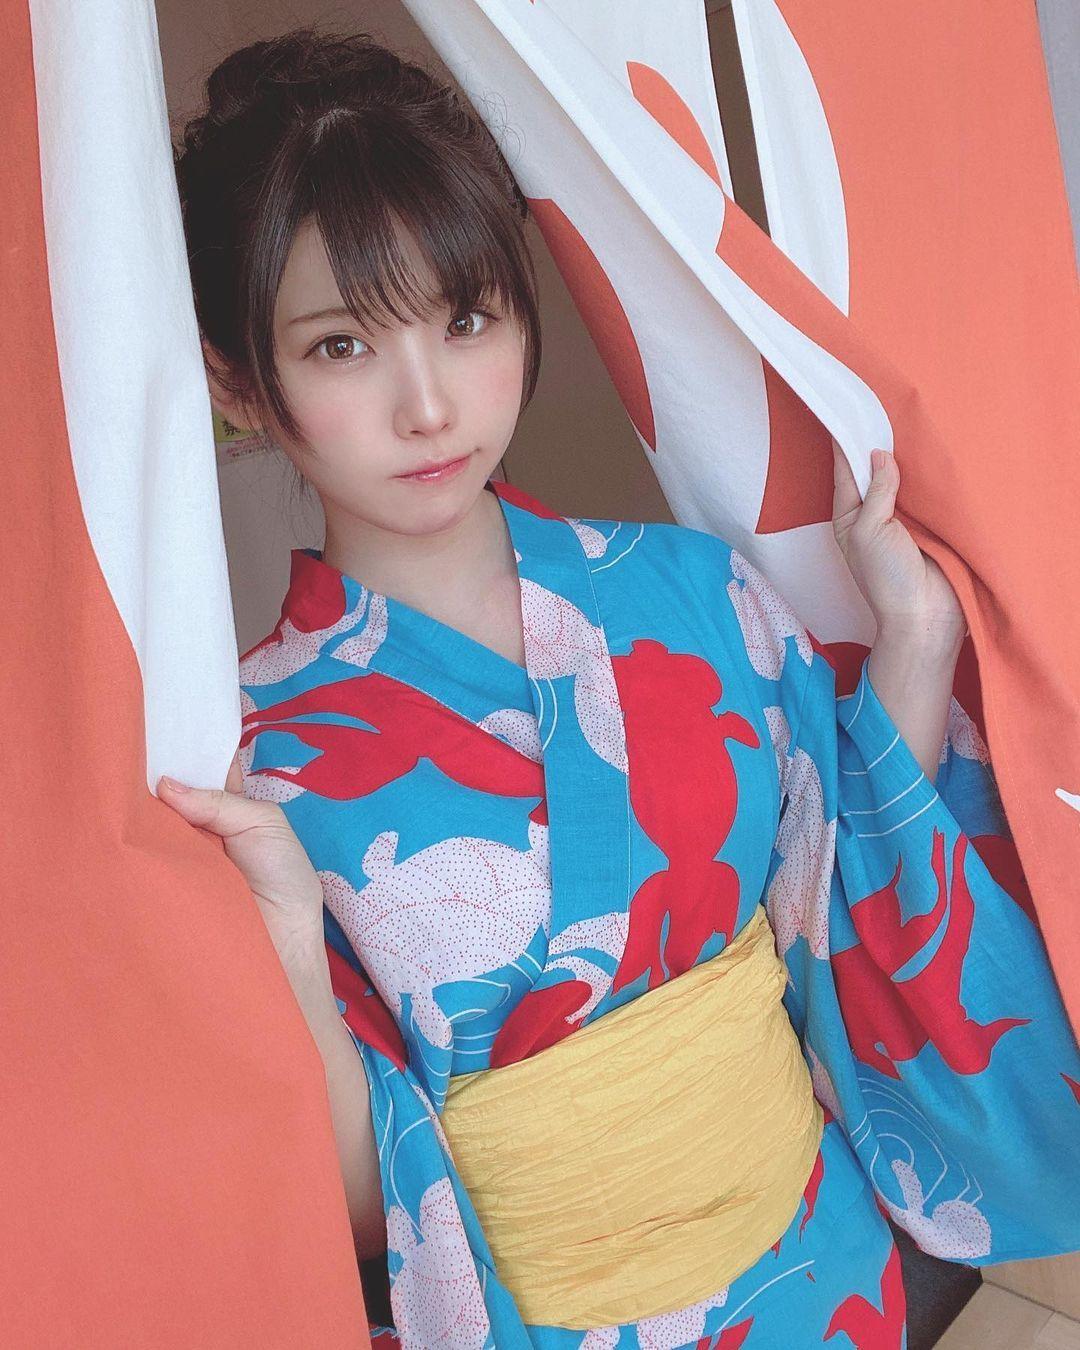 日本百万Coser 再出写真Enako 曝光短发+E造型散发青春活力 网络美女 第4张